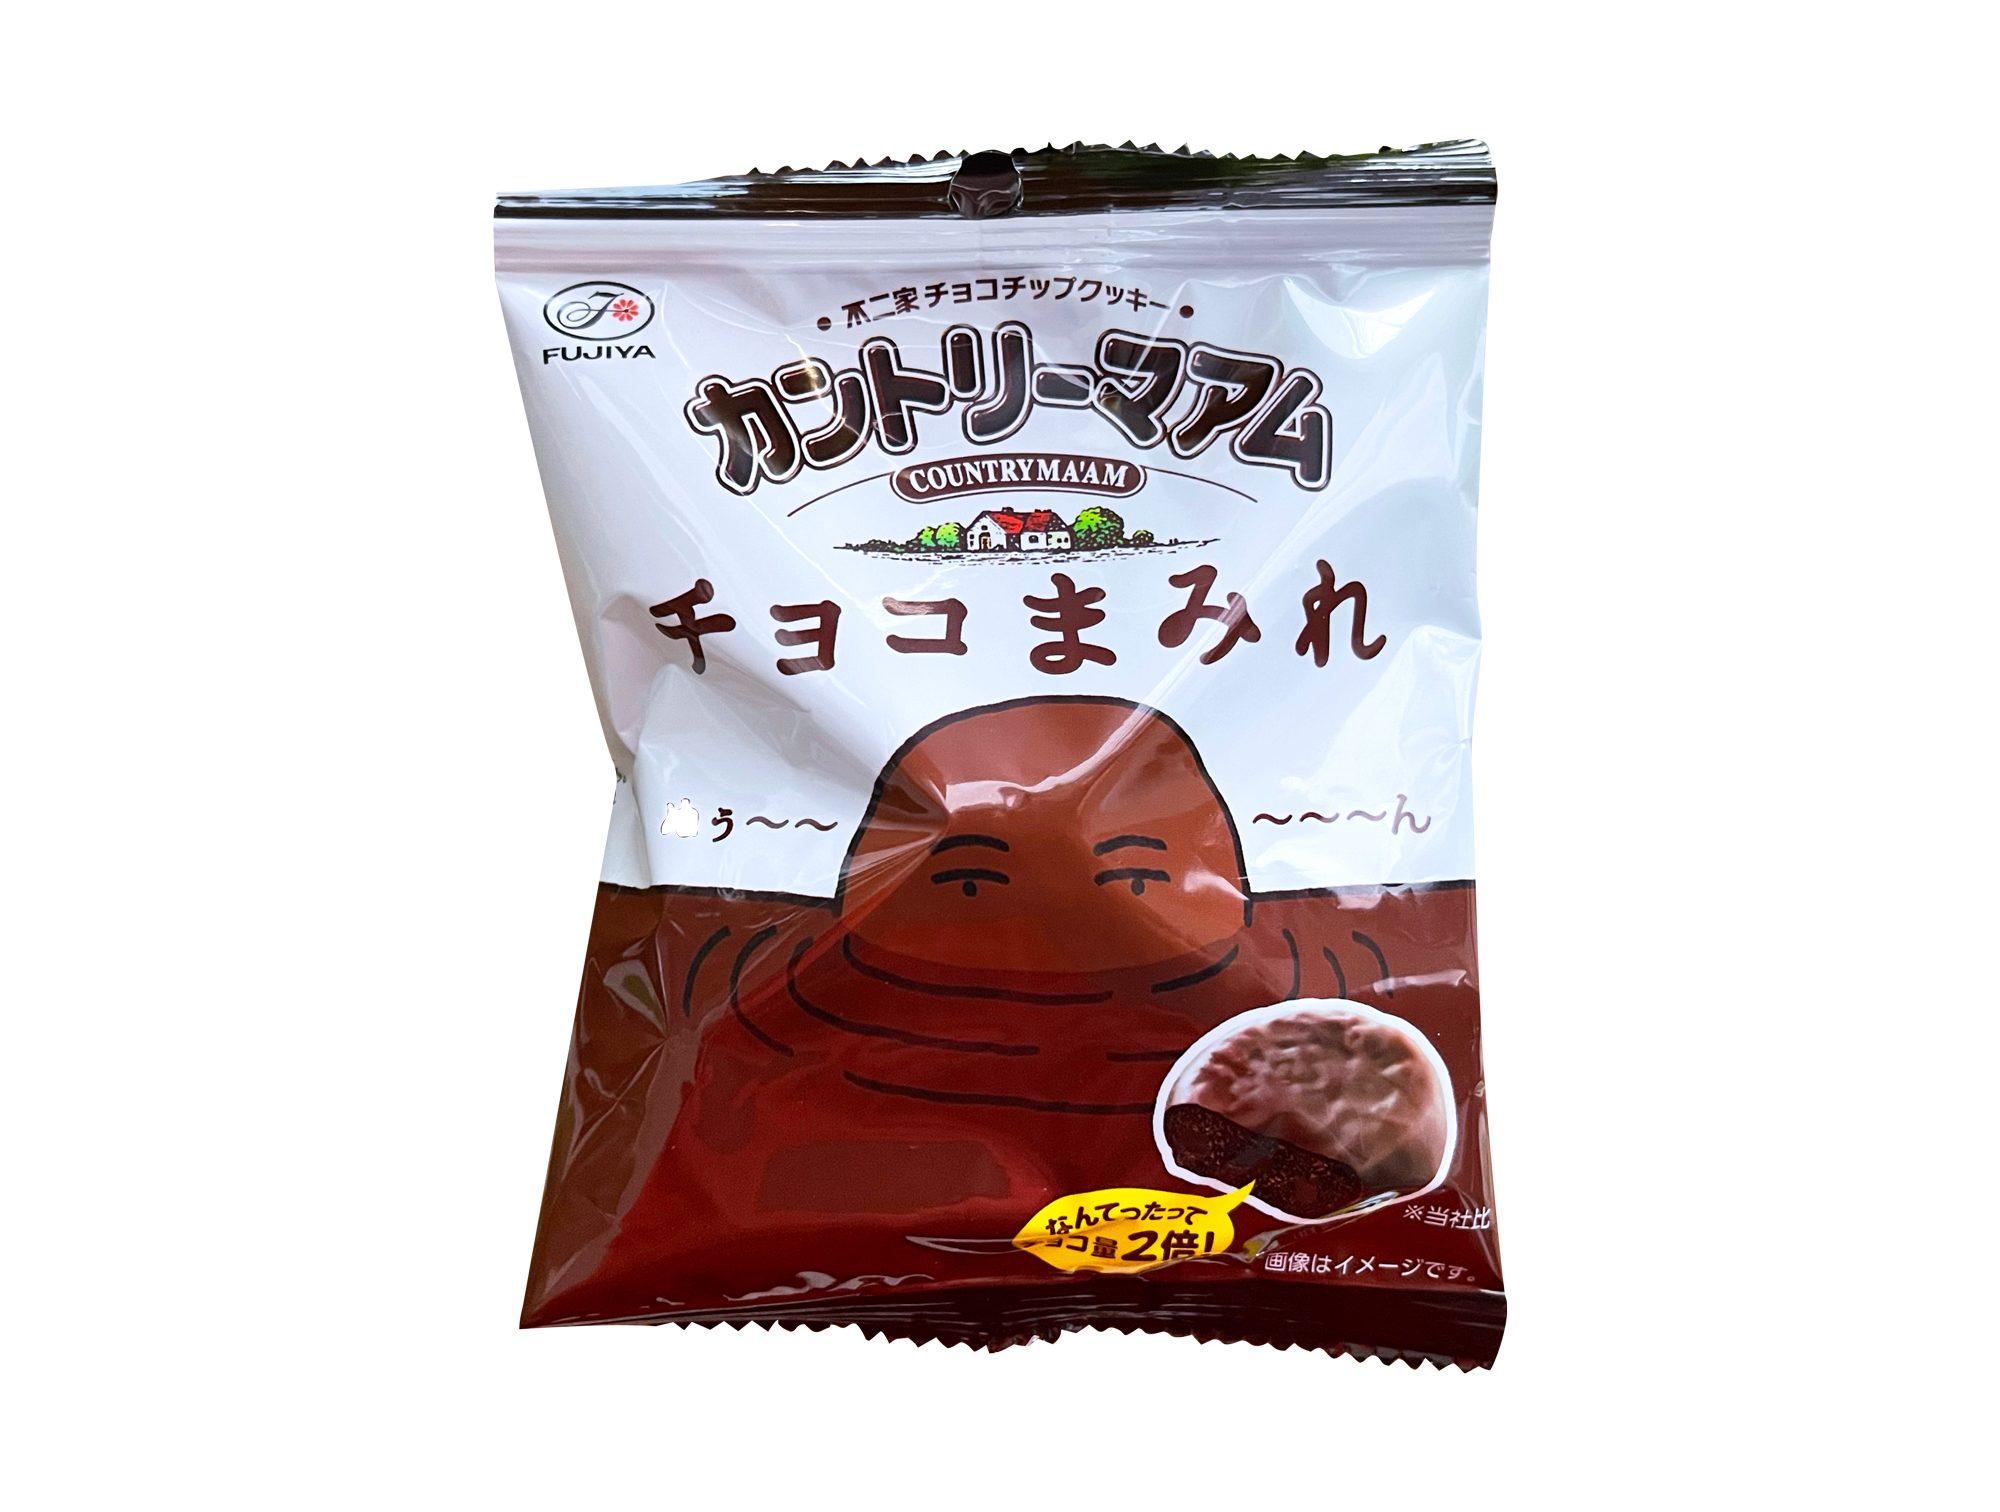 不二家『48gカントリーマアムチョコまみれ』は濃厚なチョコレートと突き抜けたしっとり食感が激うまなソフトクッキー!